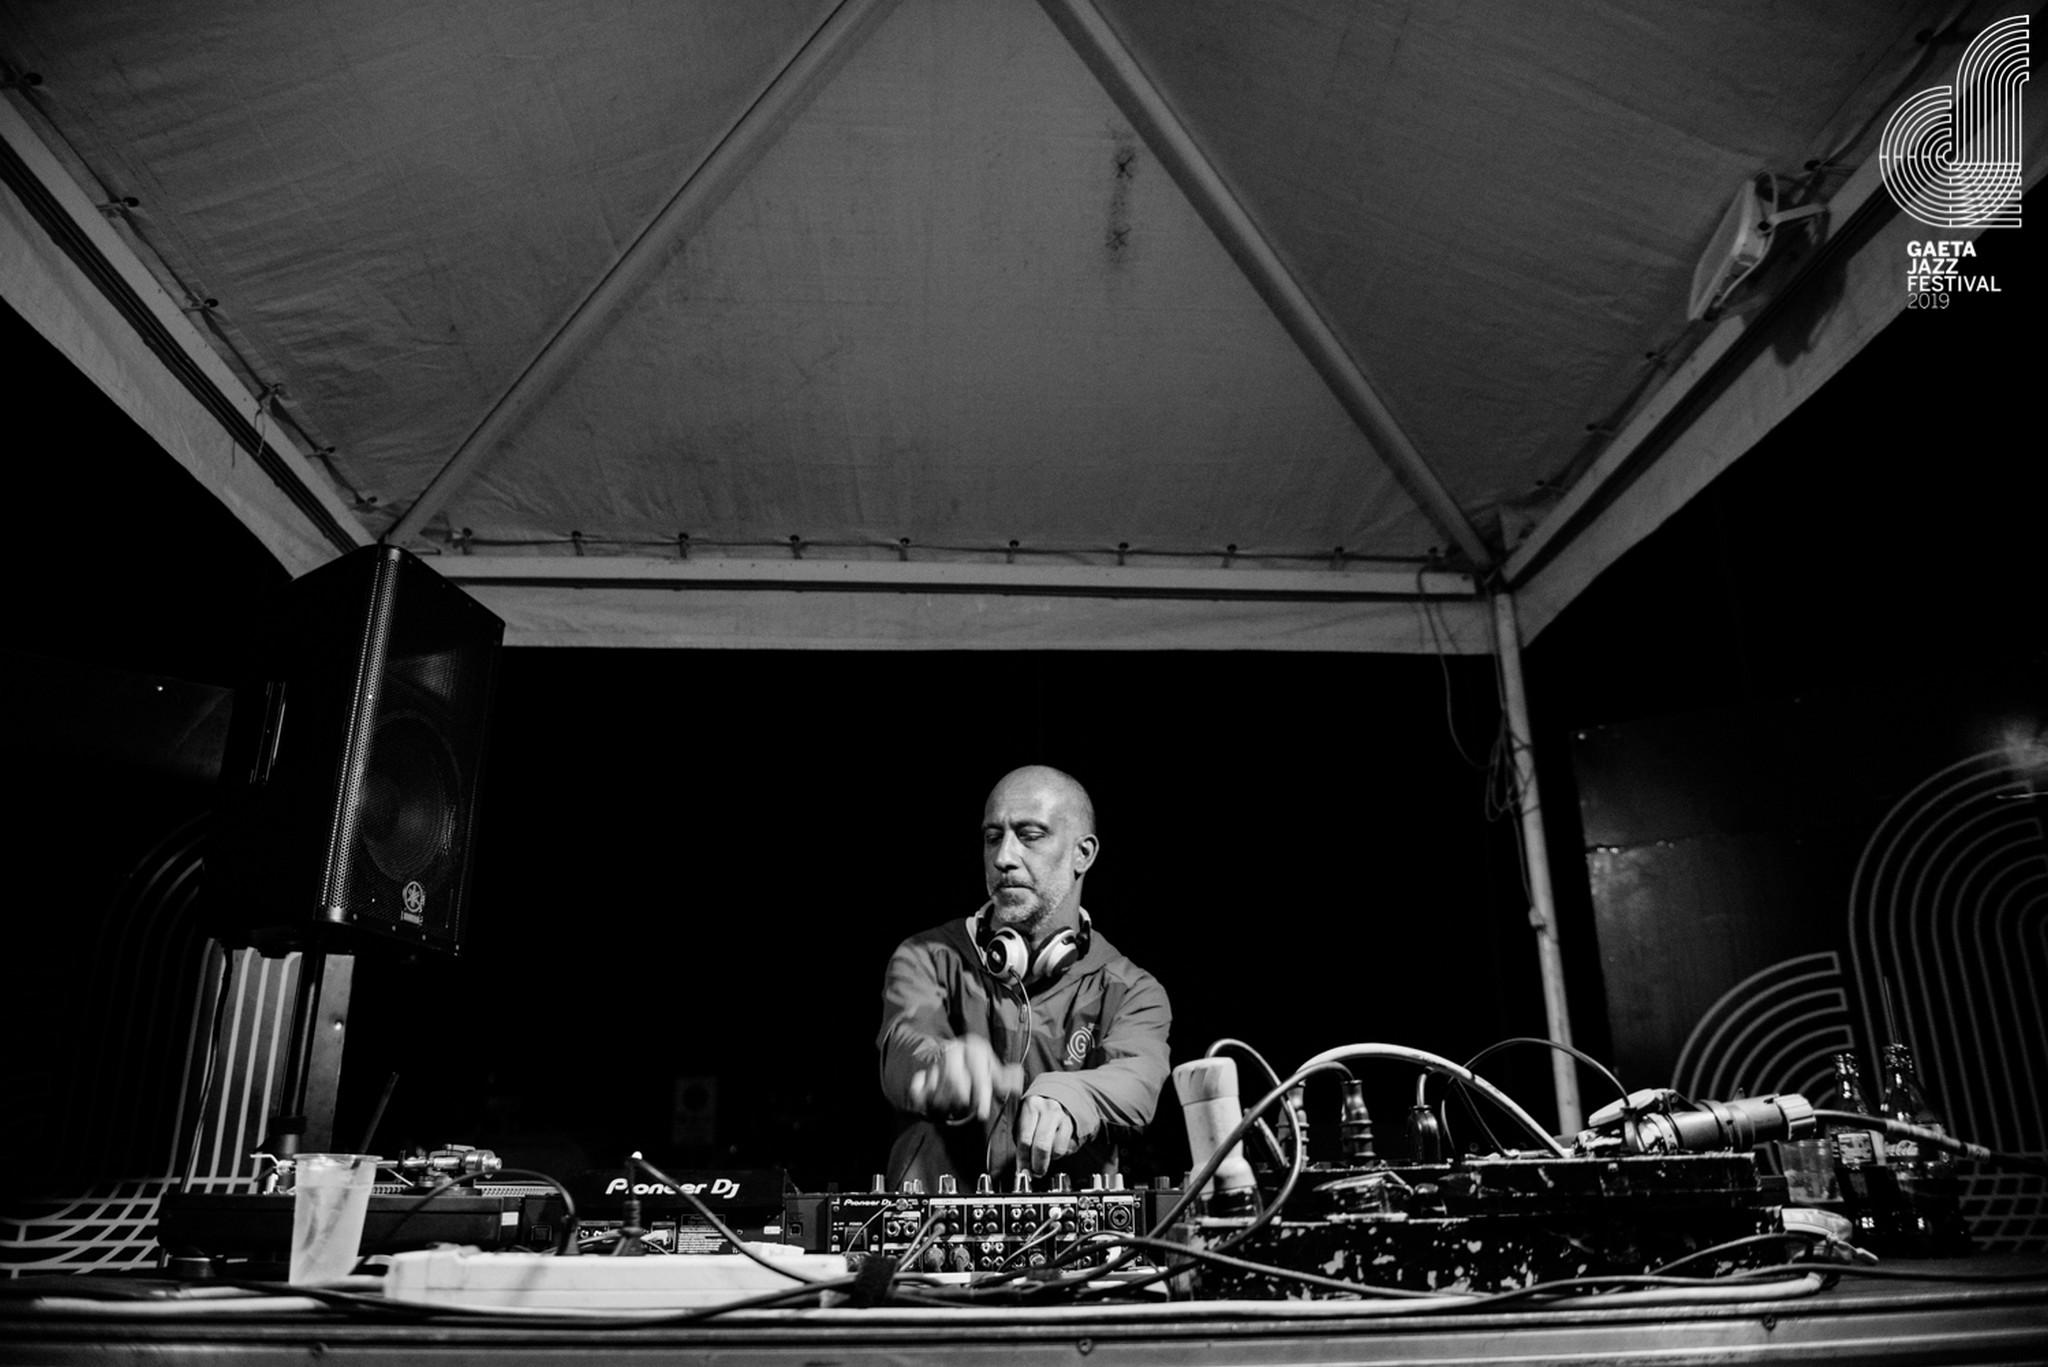 Flavia_Fiengo_Gaeta_Jazz_Festival_live_2019__00073